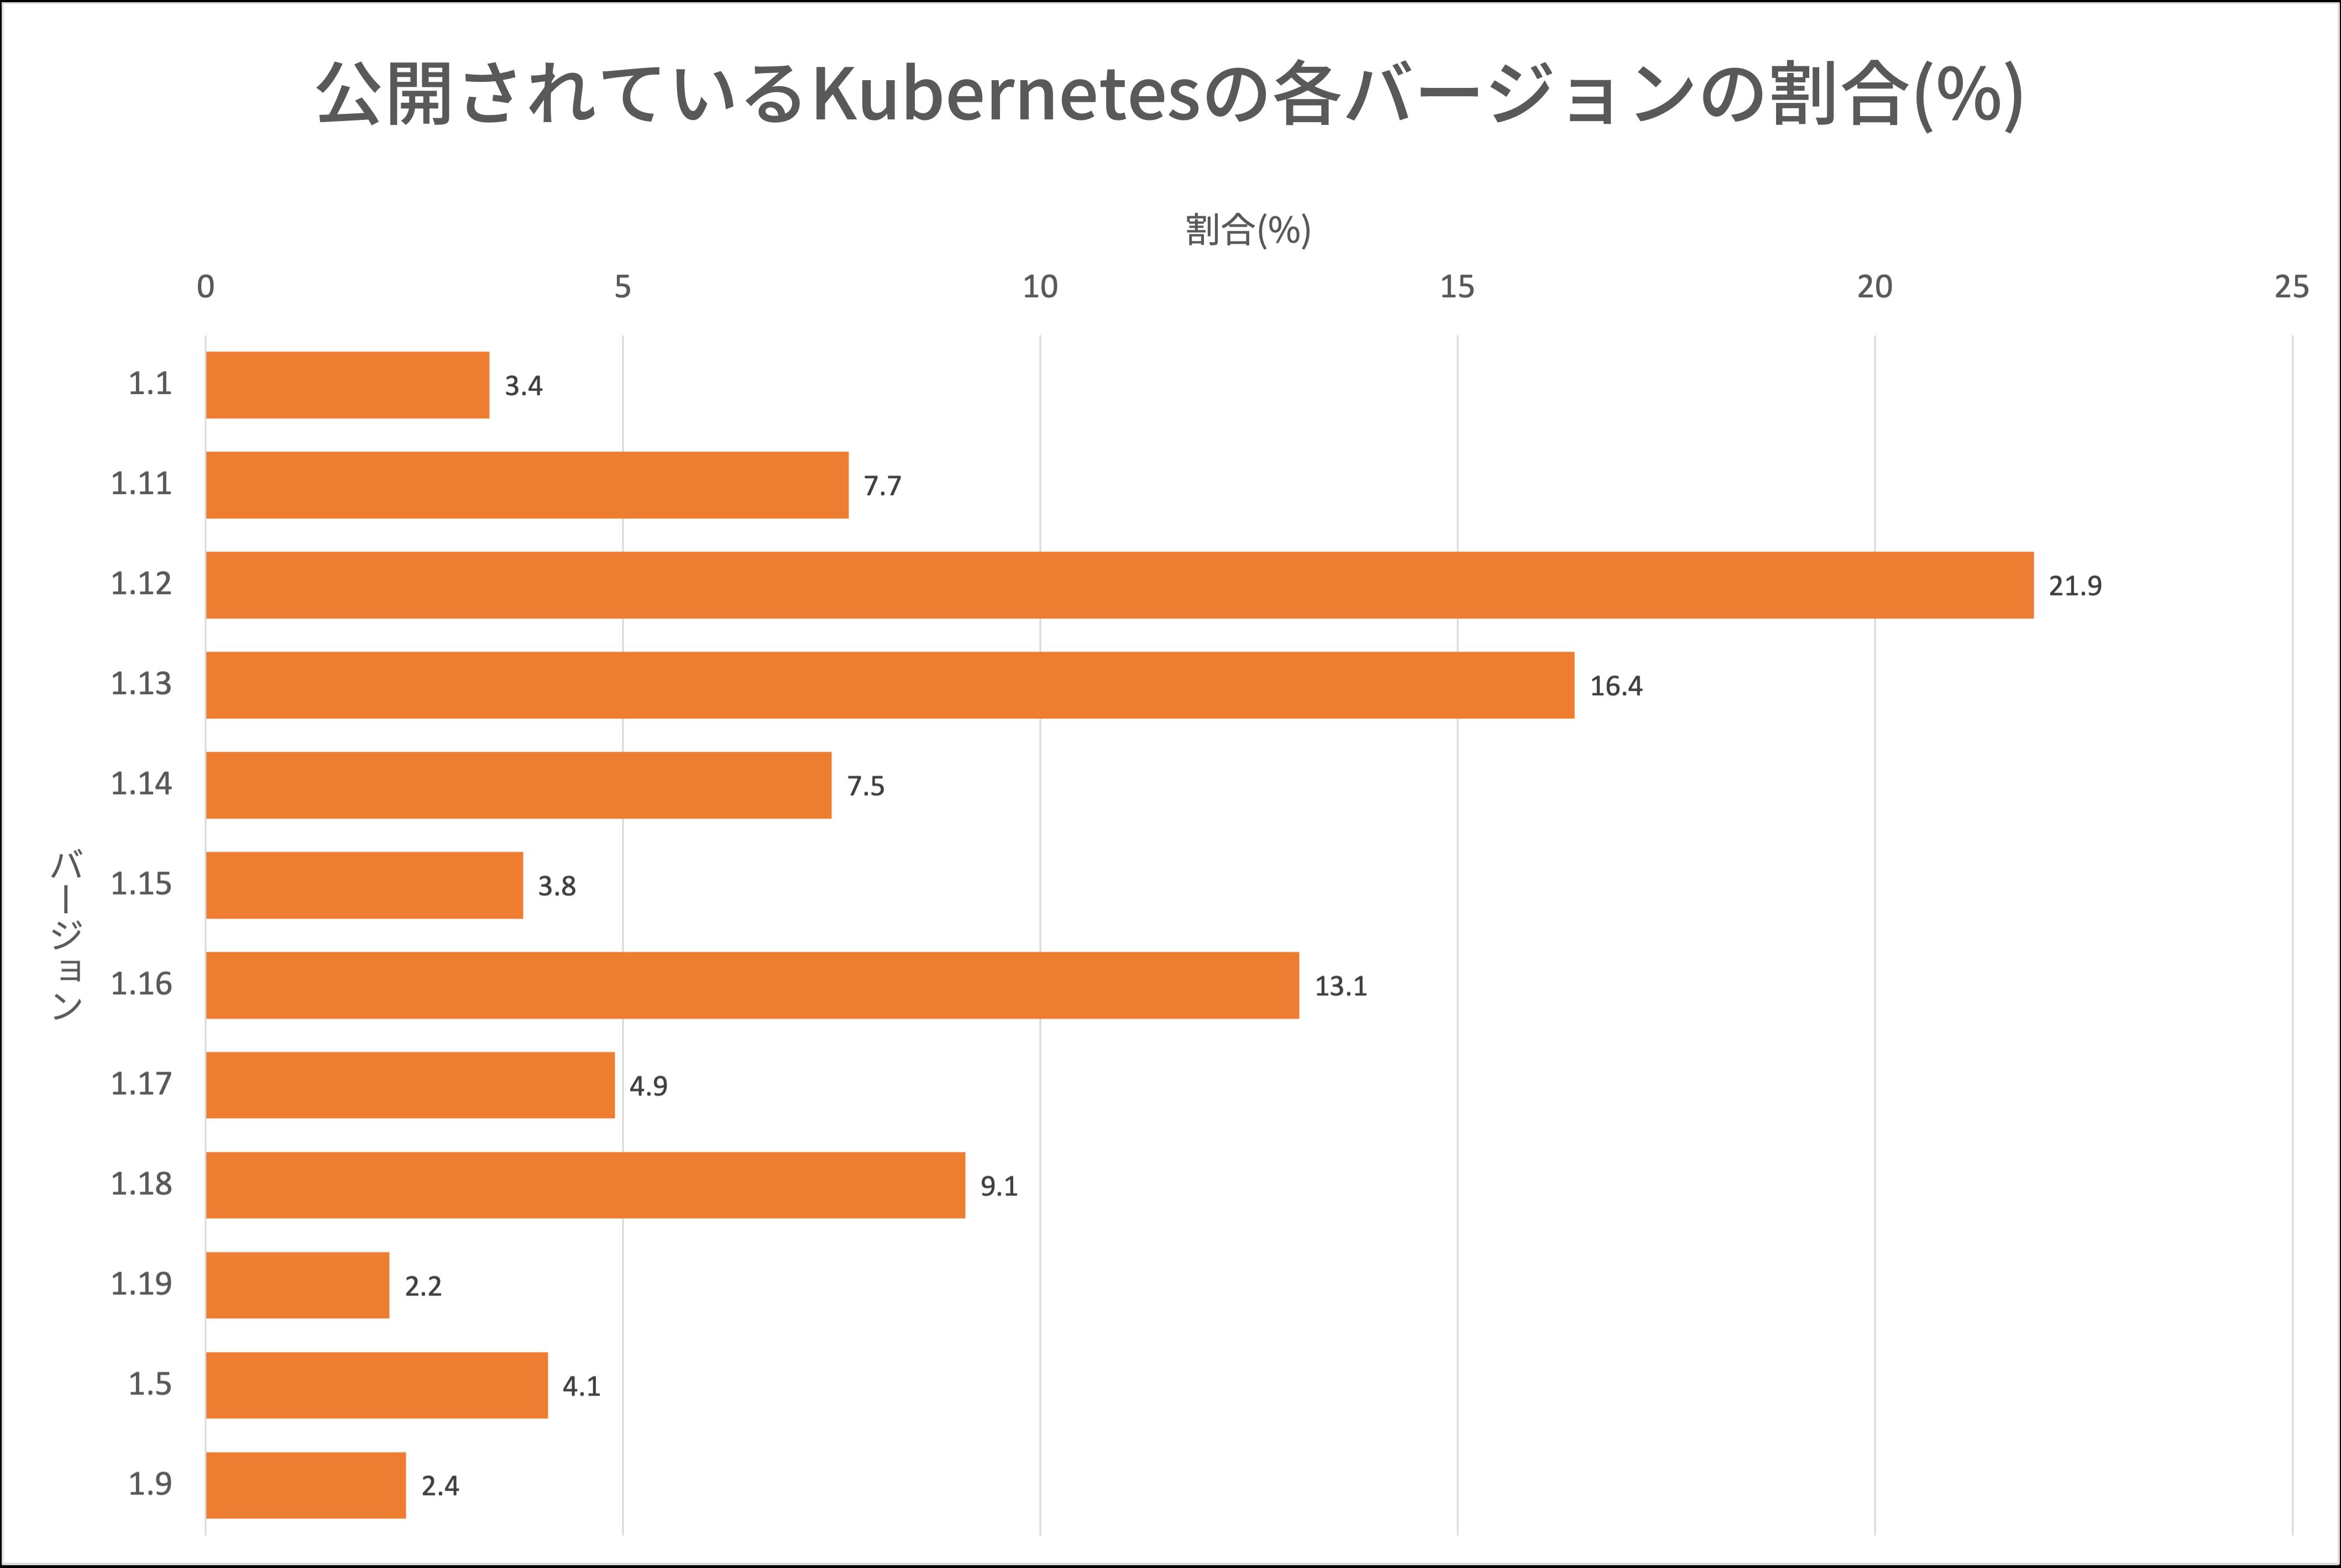 図9 公開されたKubernetesクラスタのバージョン